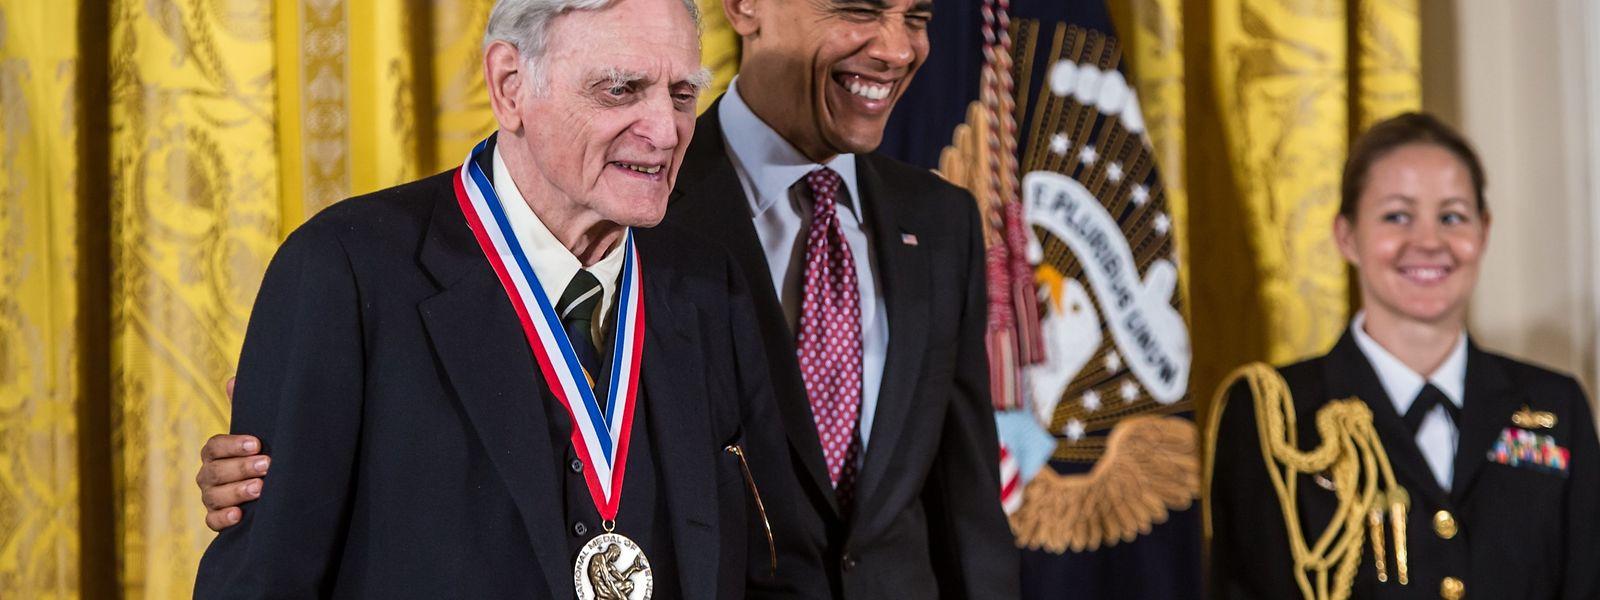 John Goodenough (l.) bei der Verleihung eines Preise durch US-Präsident Barack Obama.